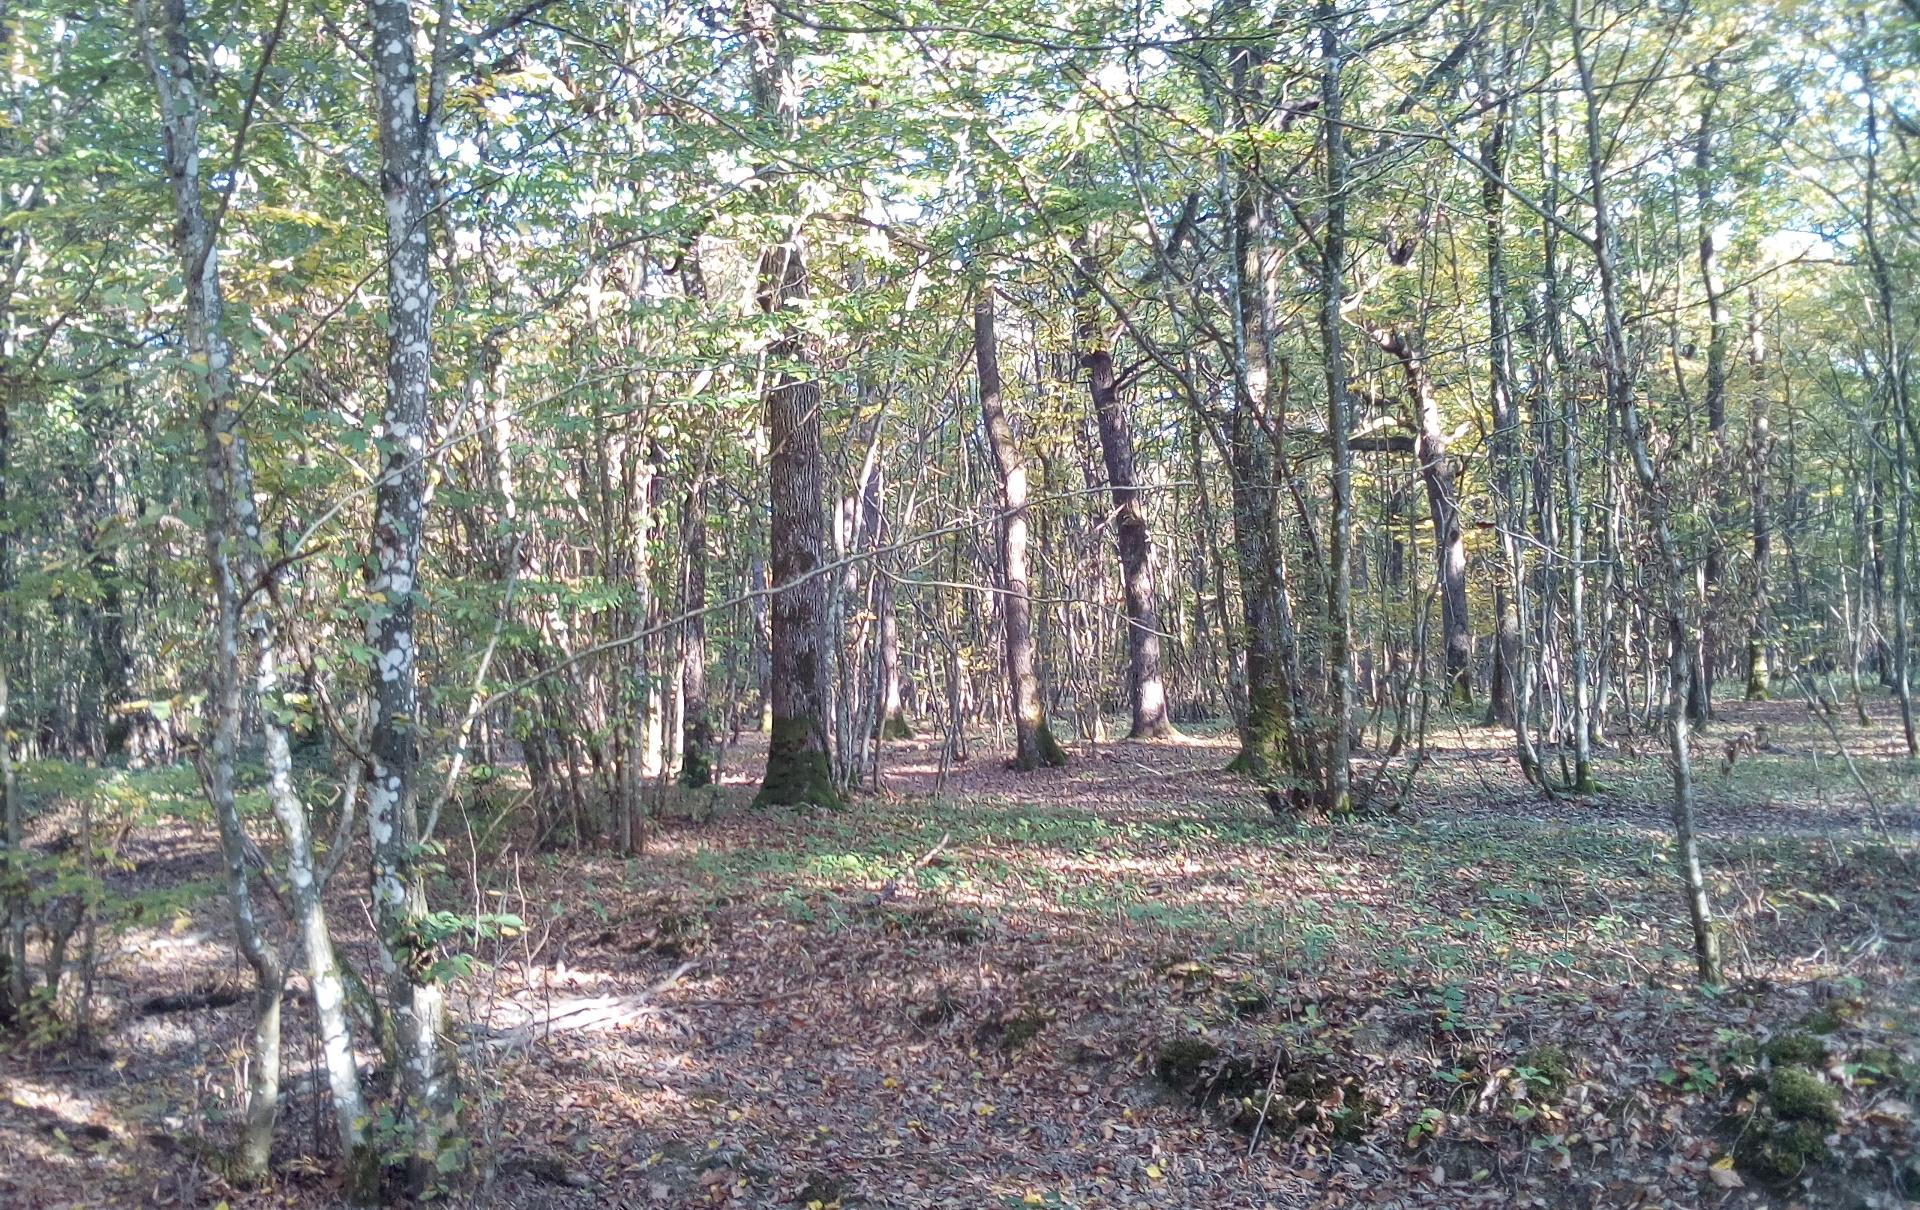 forêt rencontrée au cours de la randonnée pédestre Famenne au départ de Barvaux